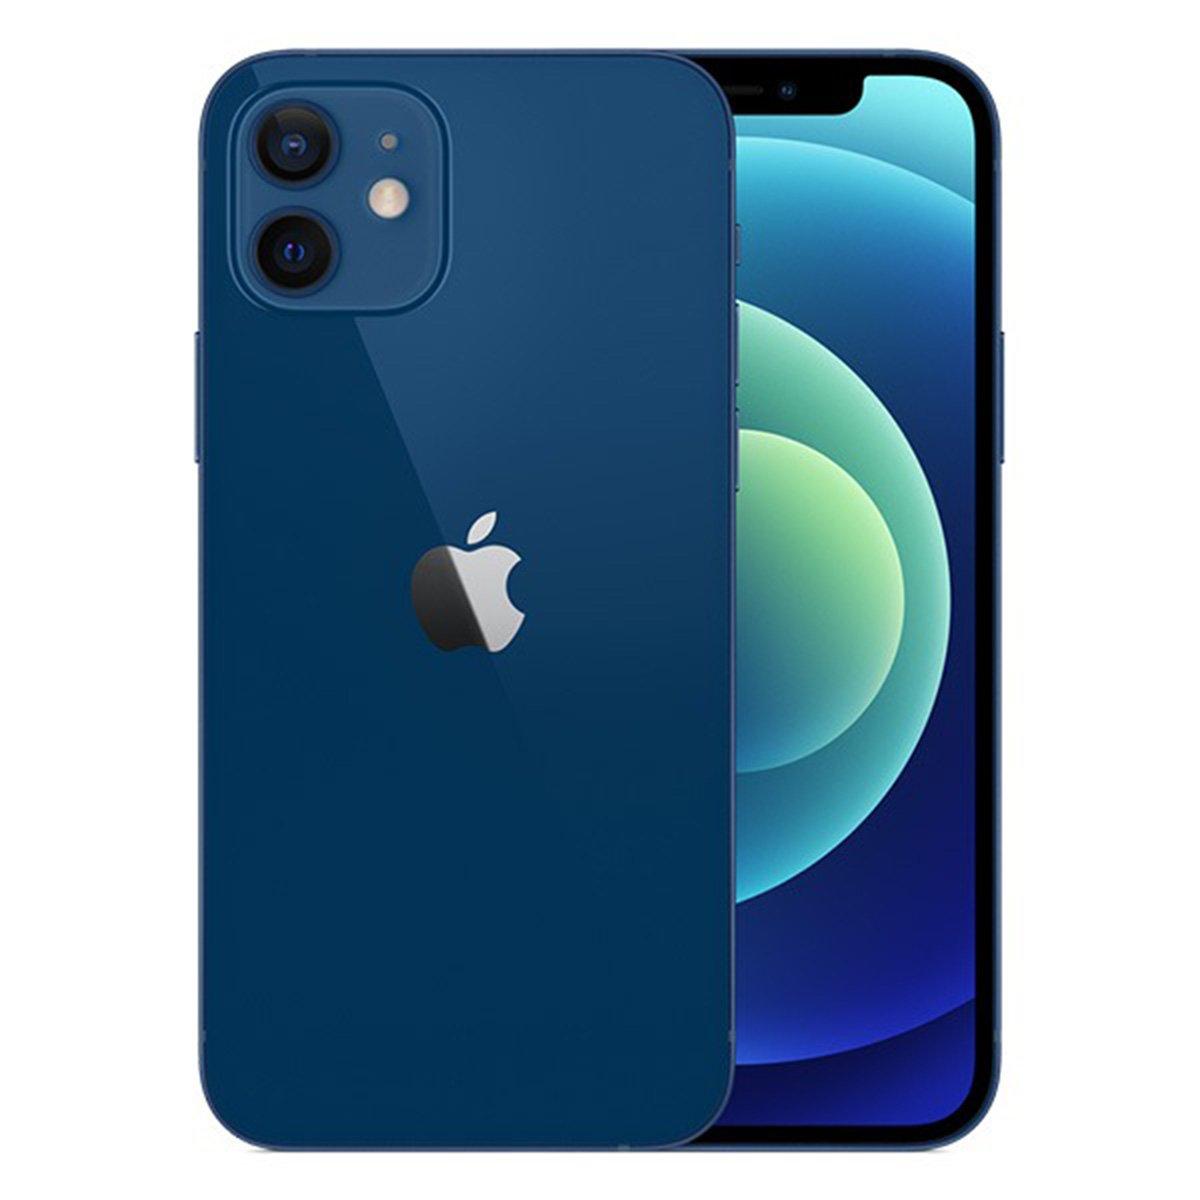 Apple iPhone 12 mini Price in Pakistan 2020